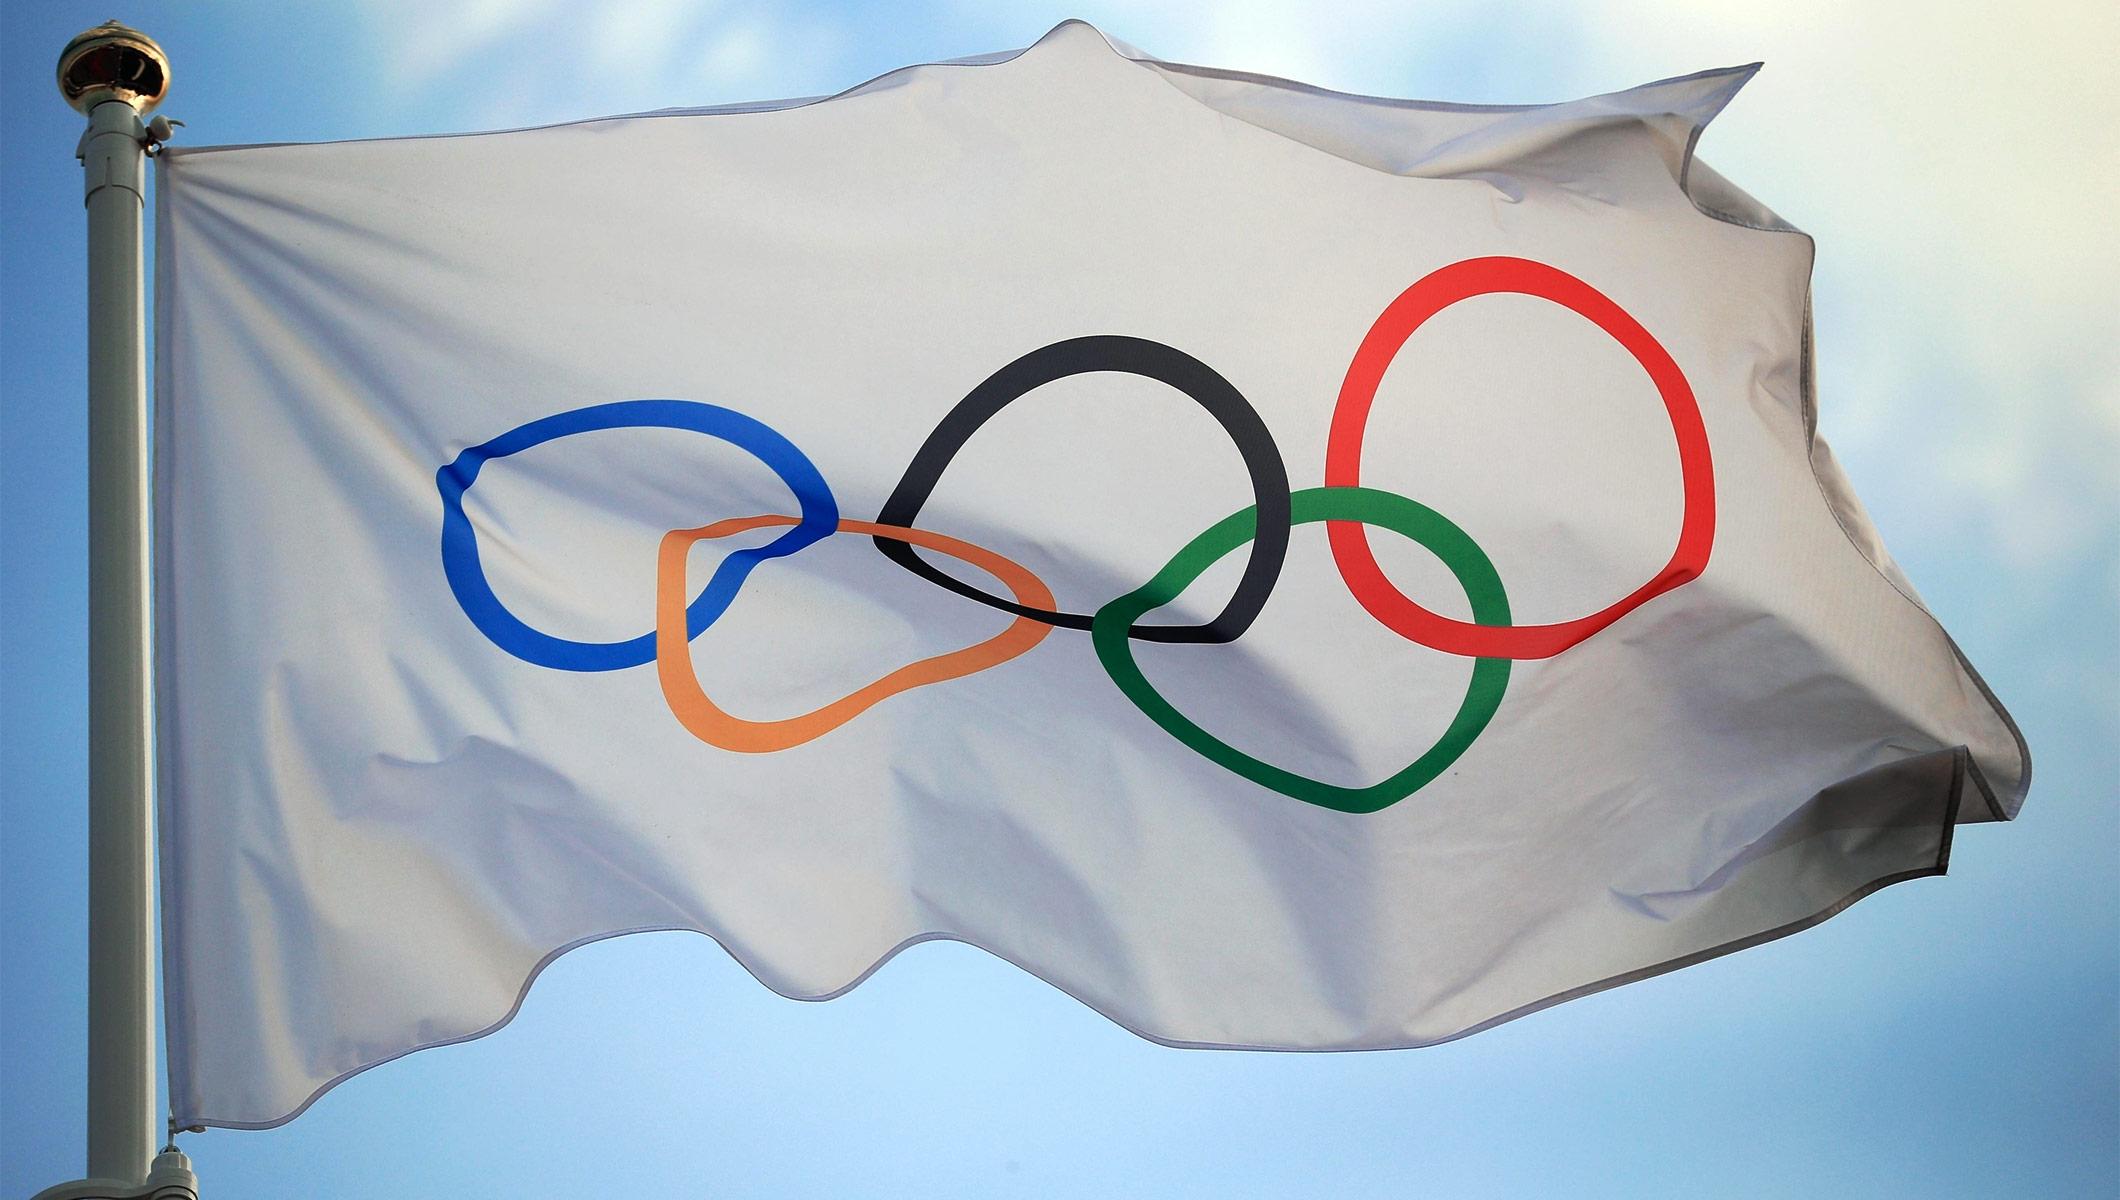 【同じ穴の狢】突如IOCが森会長を強く非難!「森氏のコメントは完全に不適切」!世界から批判殺到で慌てて方針転換か!→日本の大会関係者からは「IOC得意の手のひら返しだ」と怒りの声!